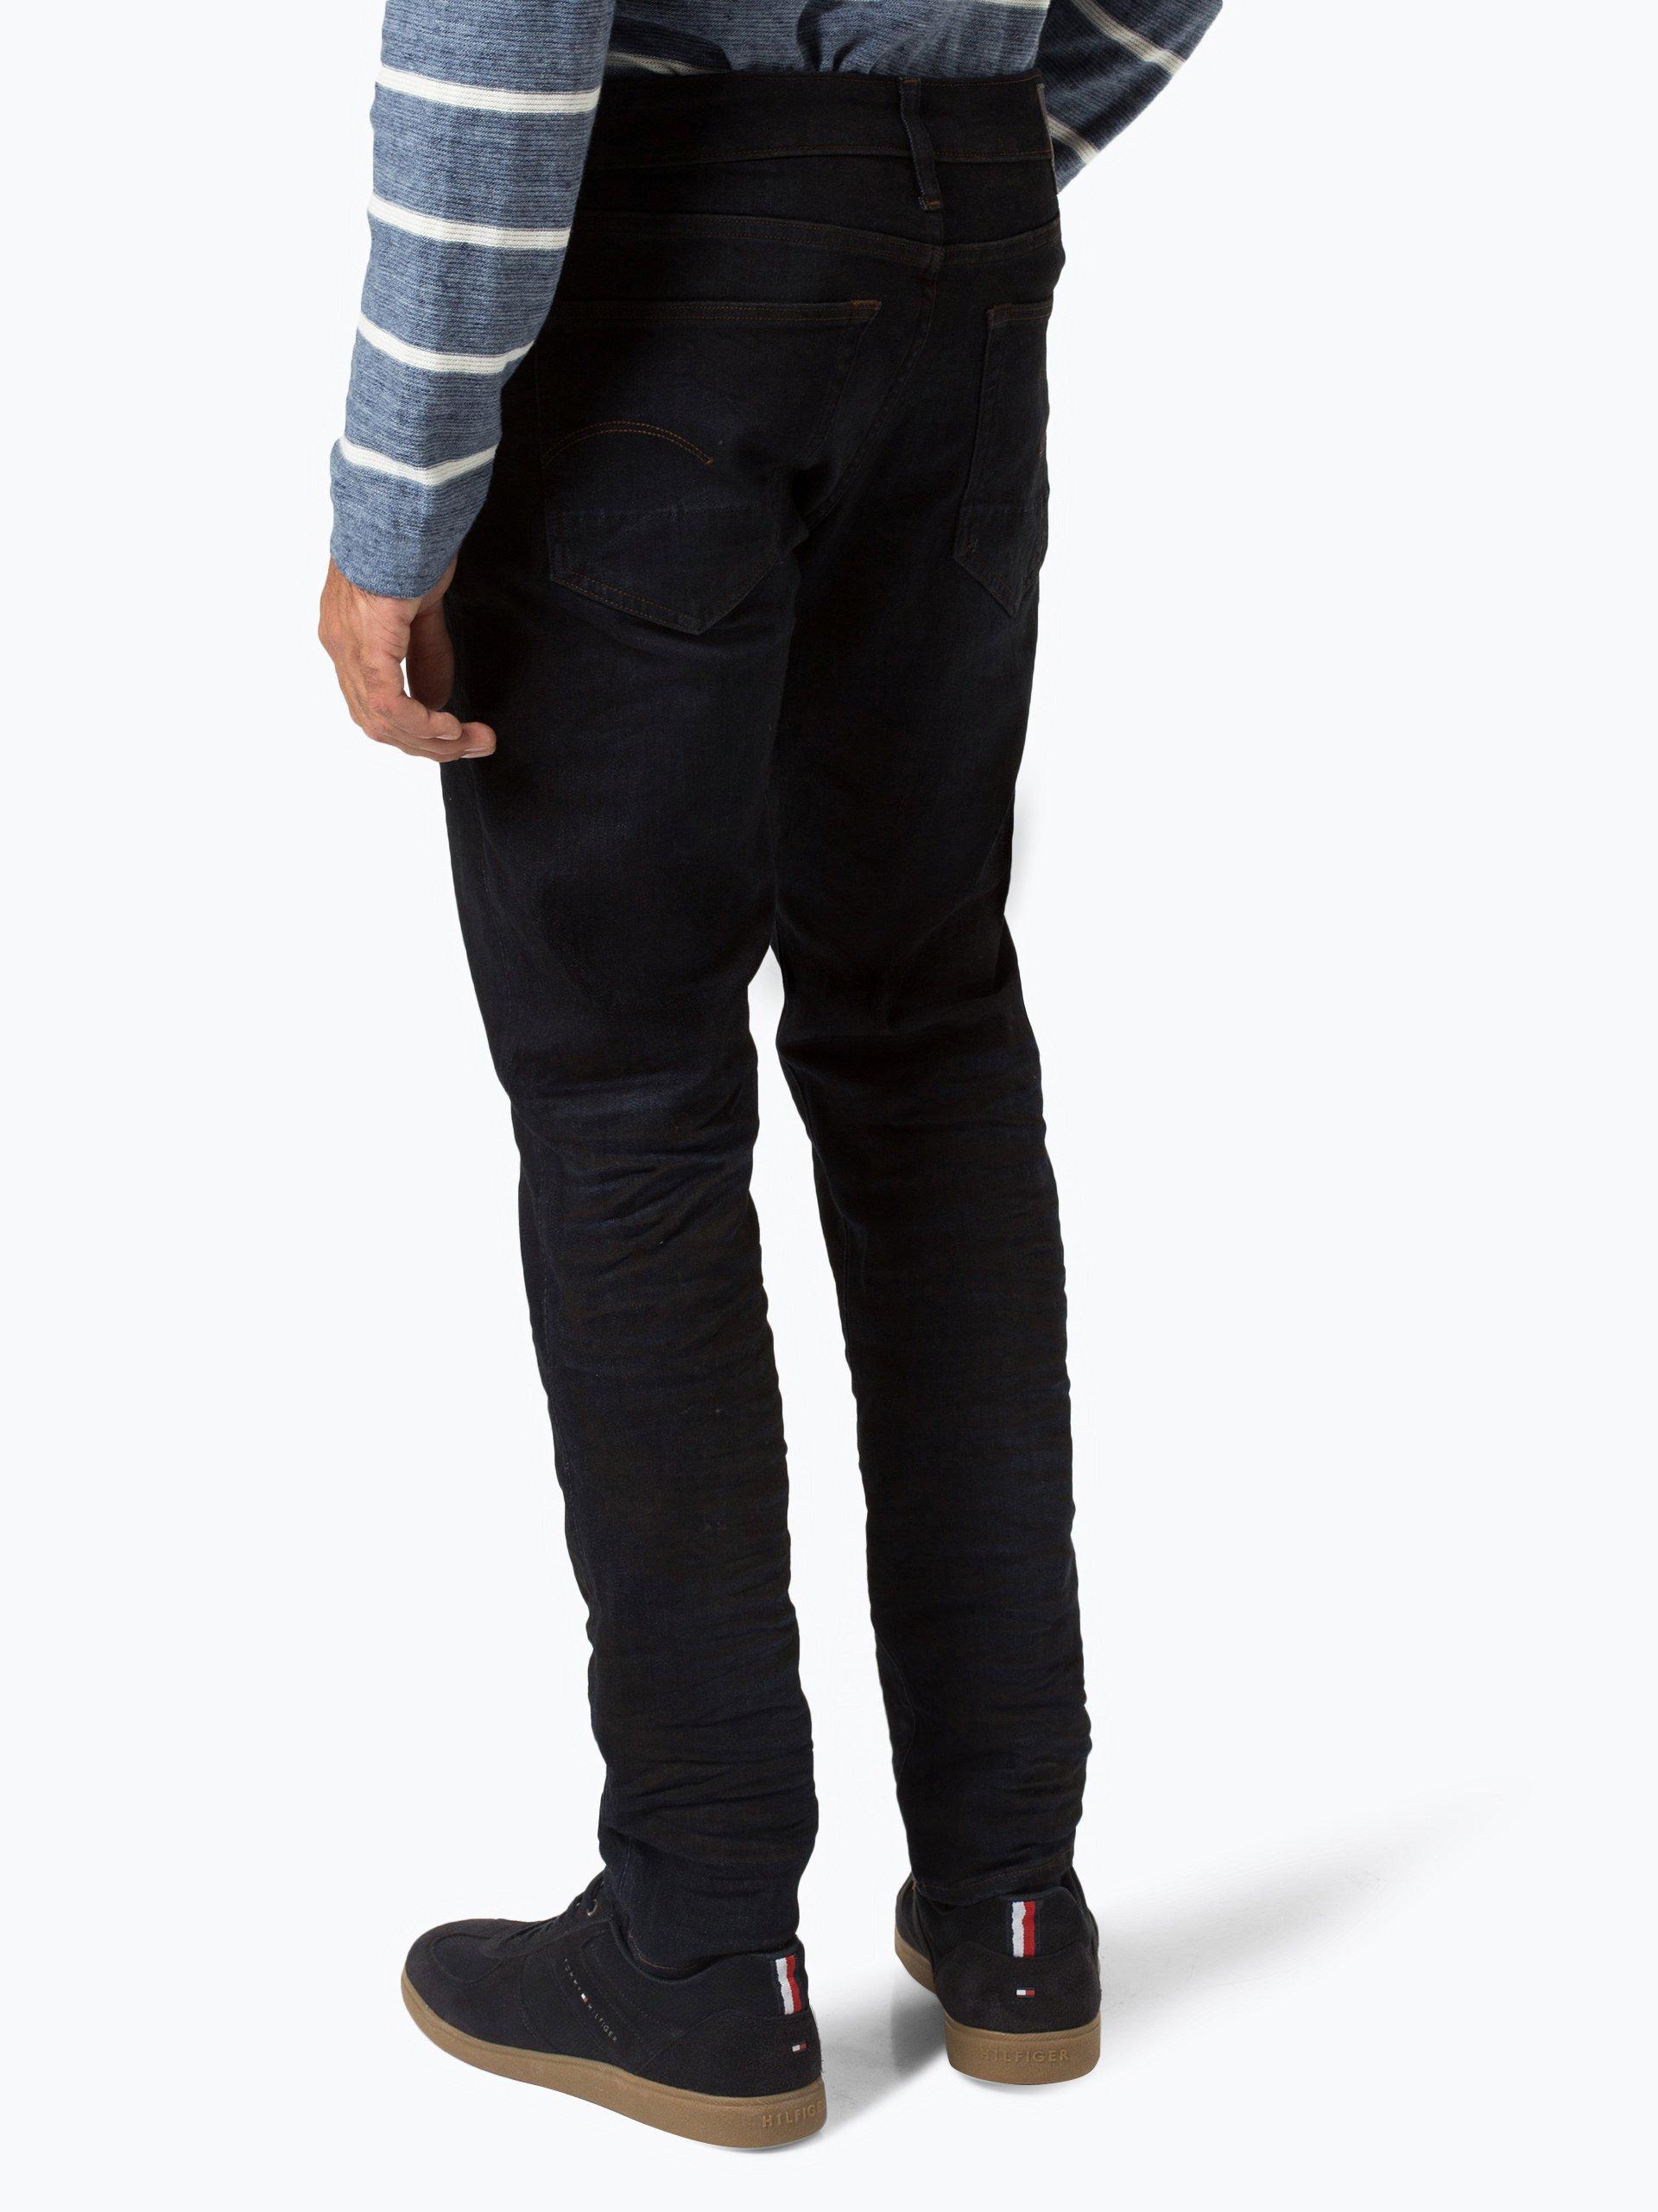 g star herren jeans 3301 deconstructed marine uni online kaufen peek und cloppenburg de. Black Bedroom Furniture Sets. Home Design Ideas